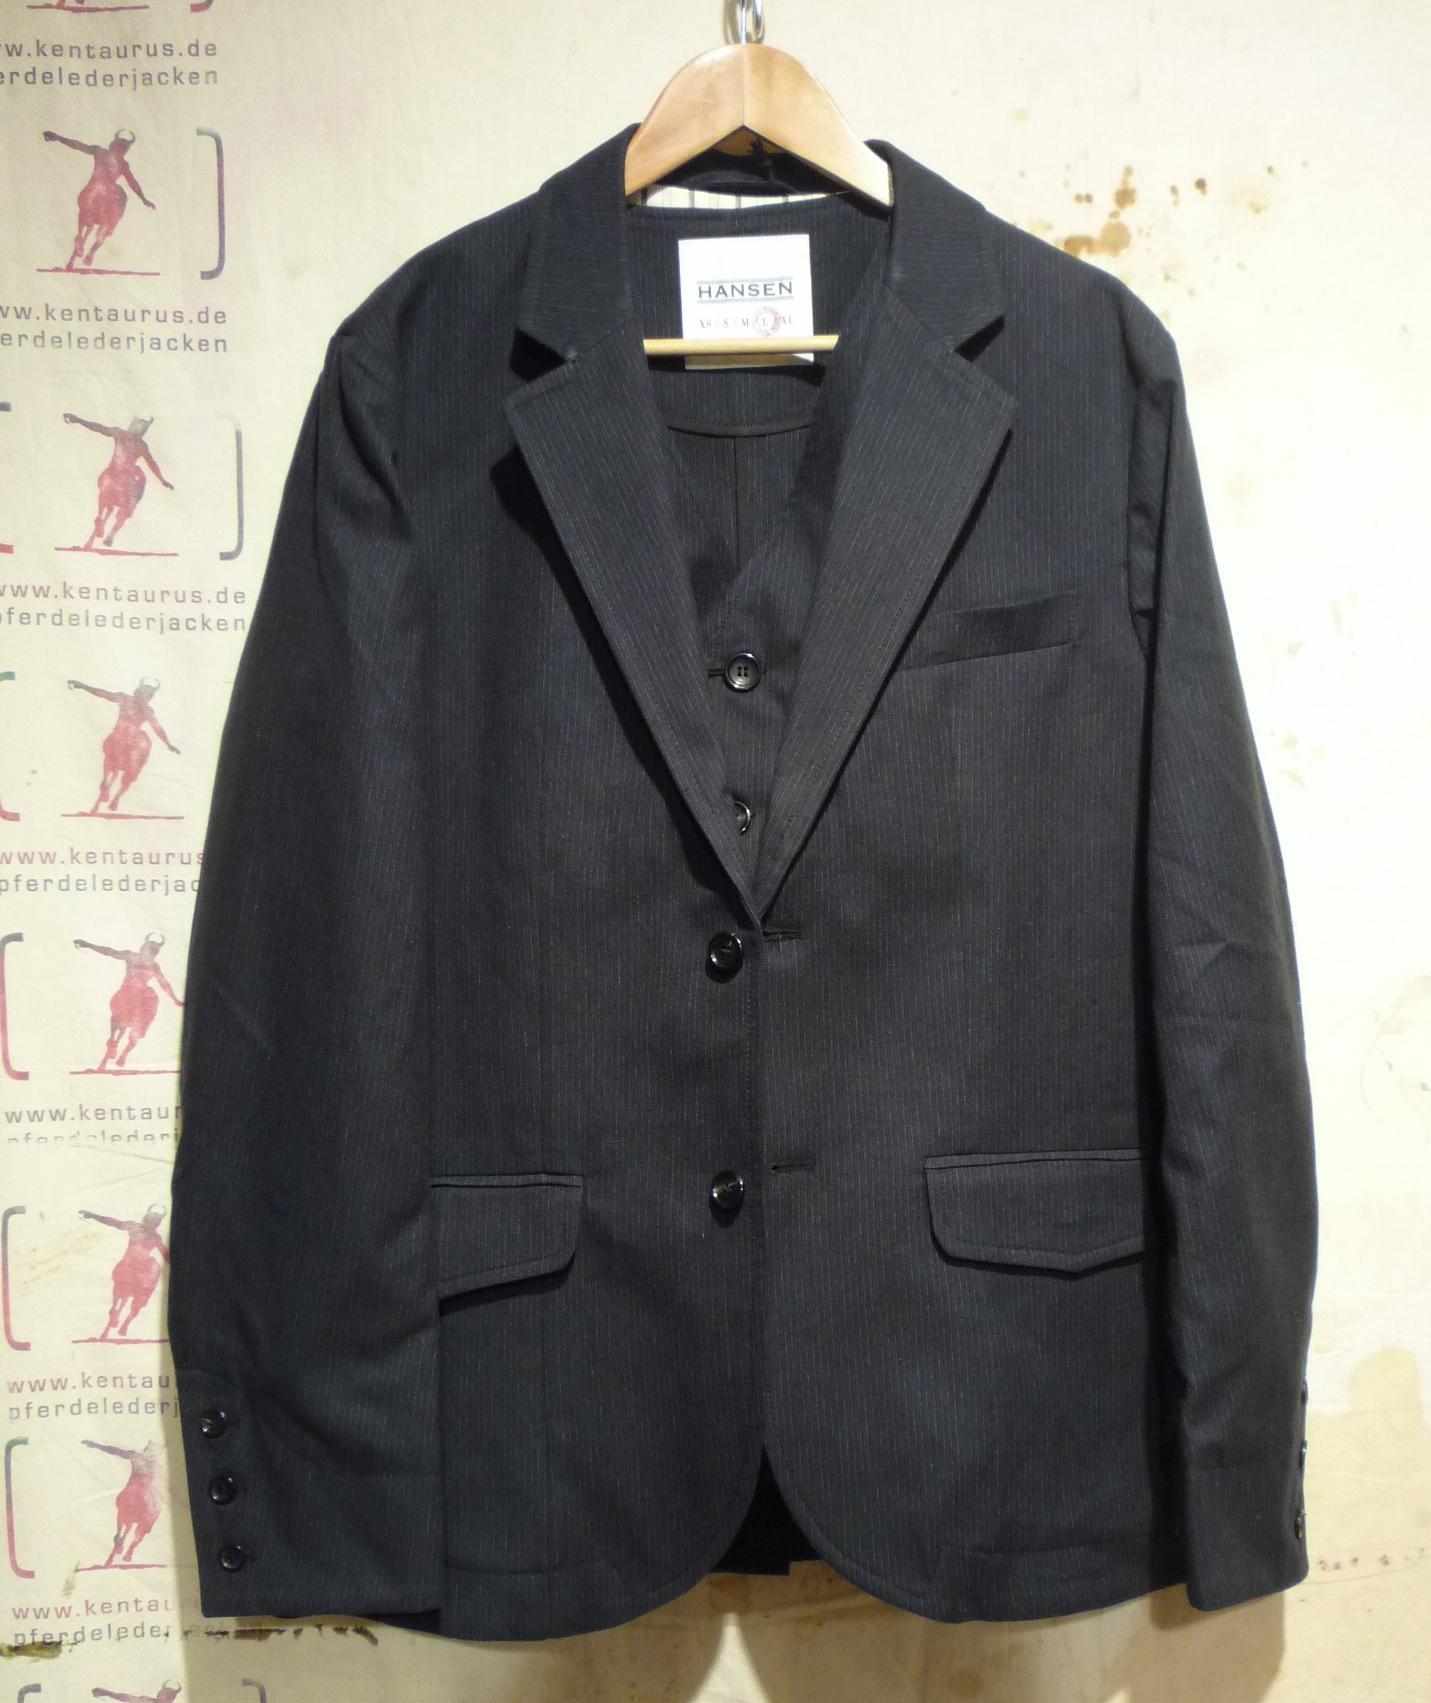 Hansen cotton 3piece suit